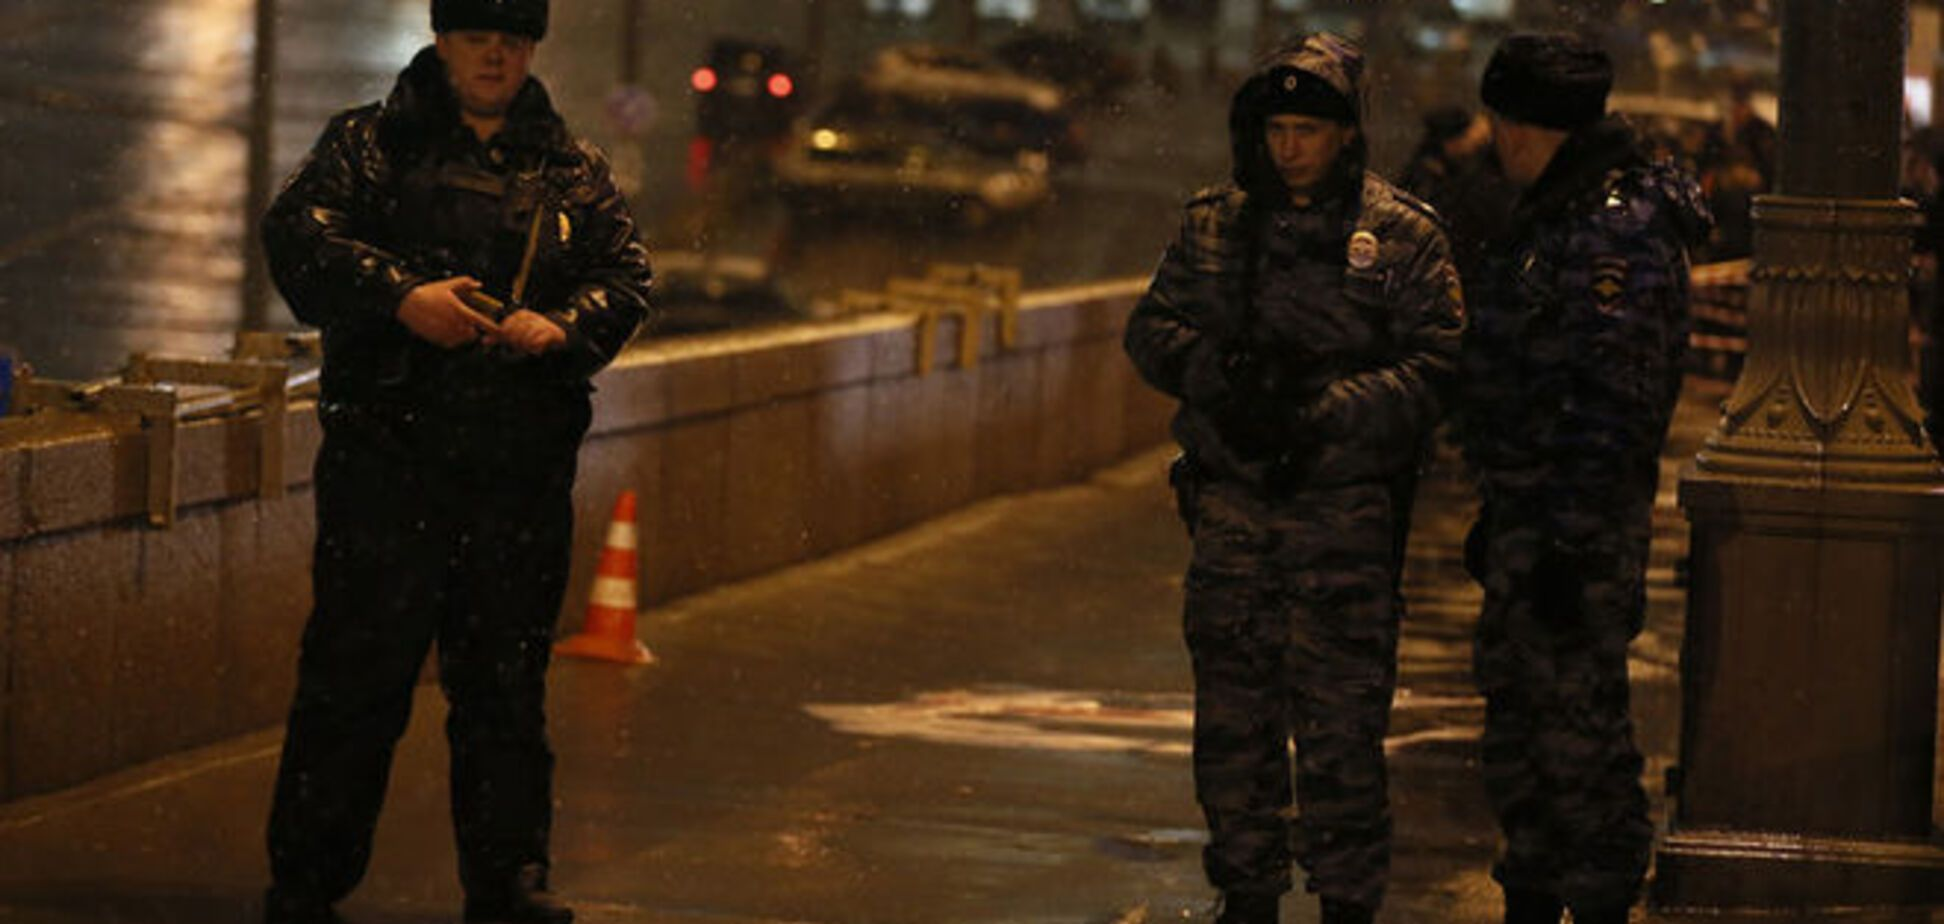 Следователи изымают документы и жесткий диск в квартире Немцова